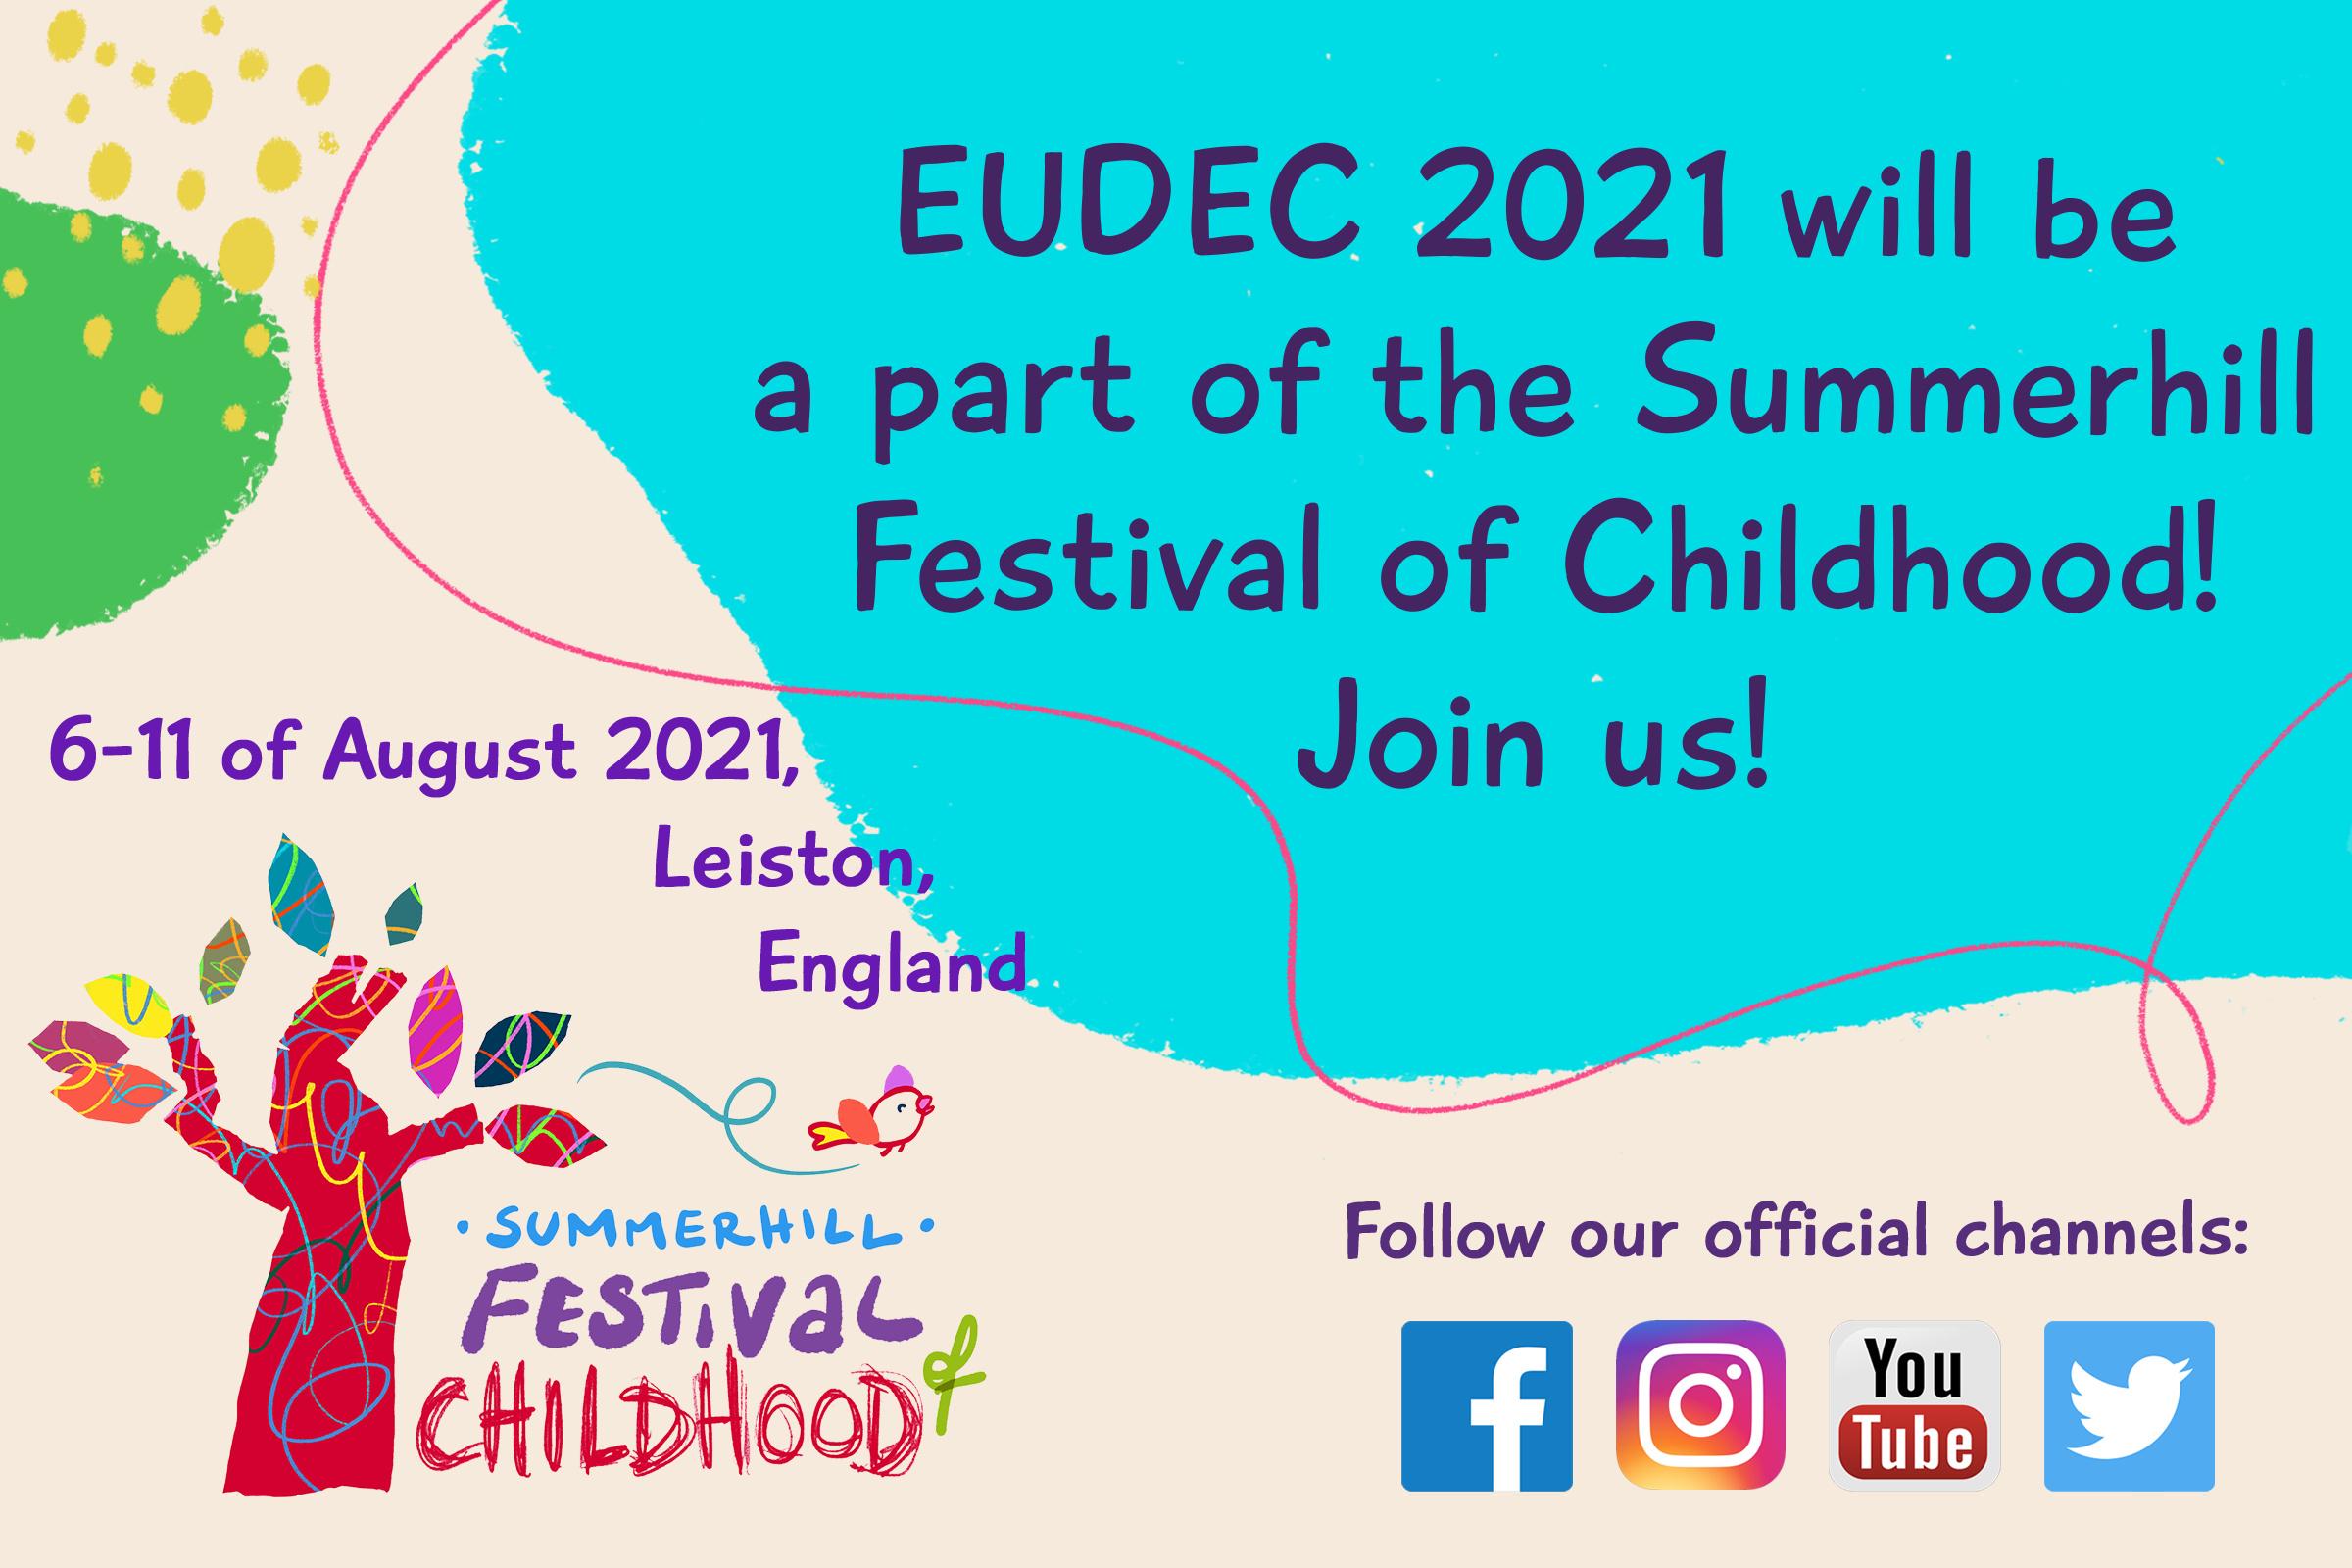 Summerhill Festival of Childhood